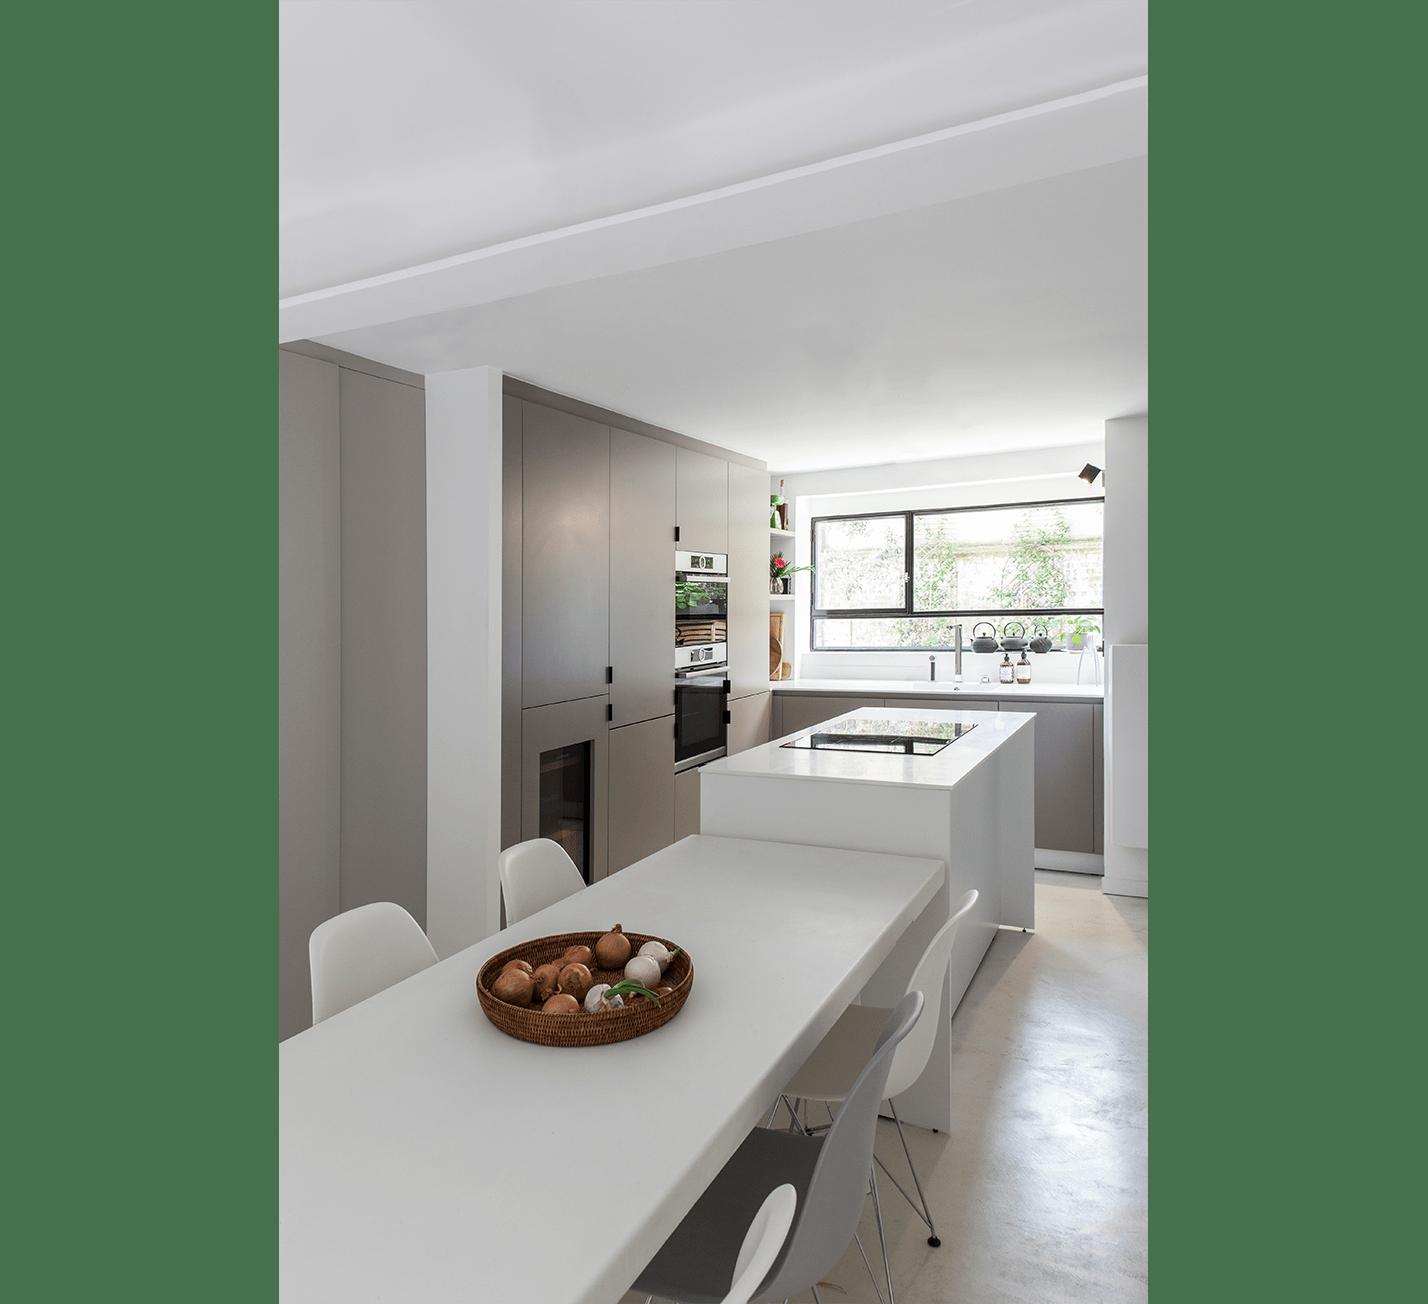 Projet-Square-Chaure-Atelier-Steve-Pauline-Borgia-Architecture-interieur-07-min